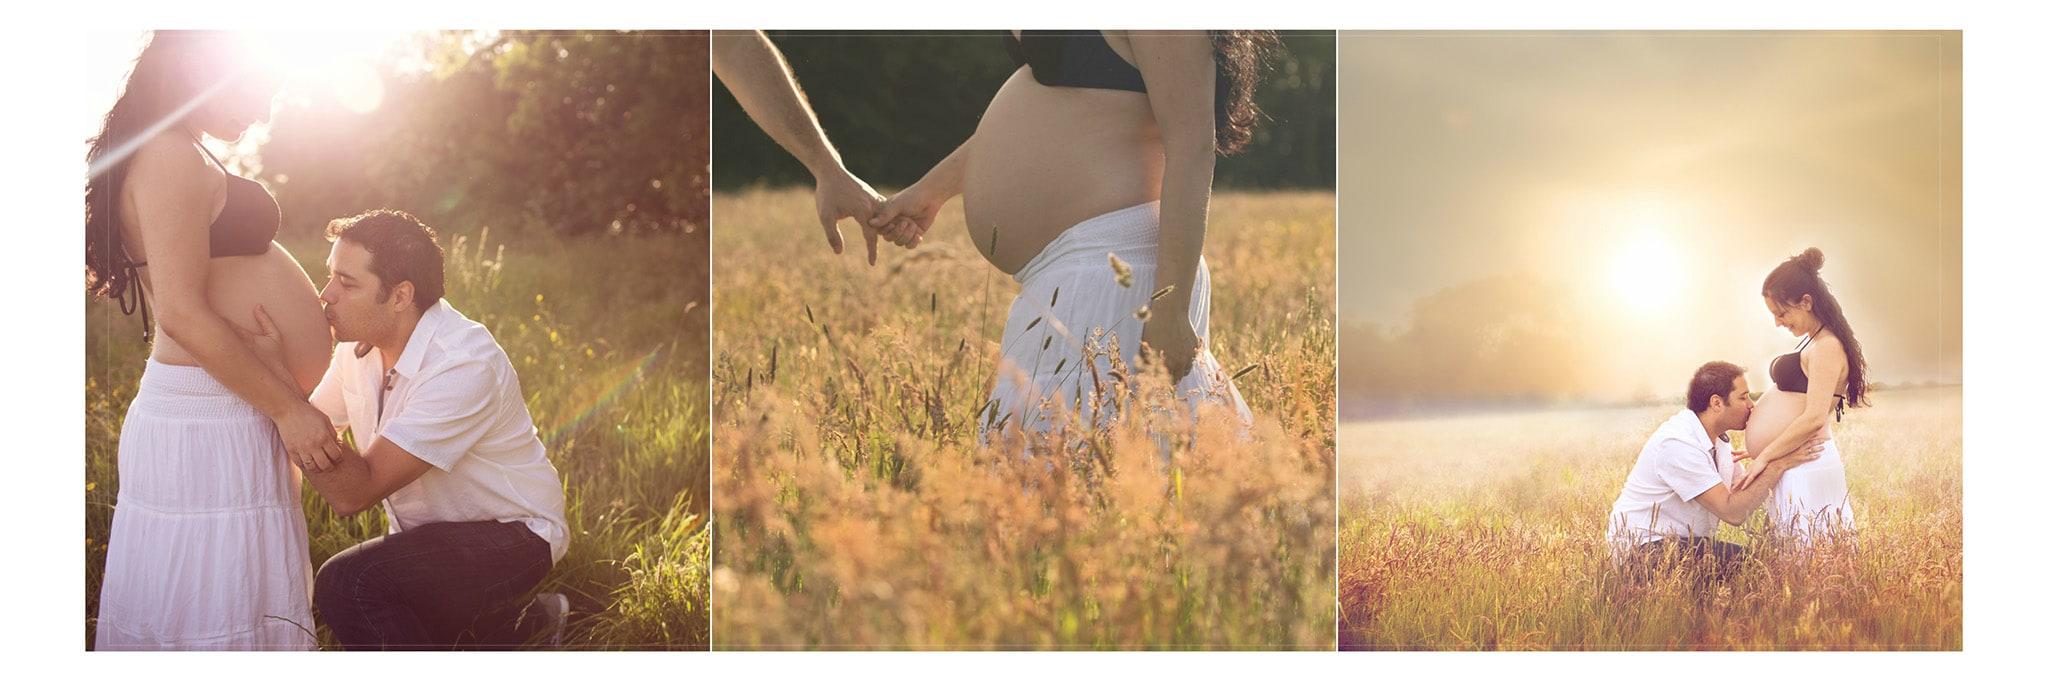 Maternity outdoor photo shoot